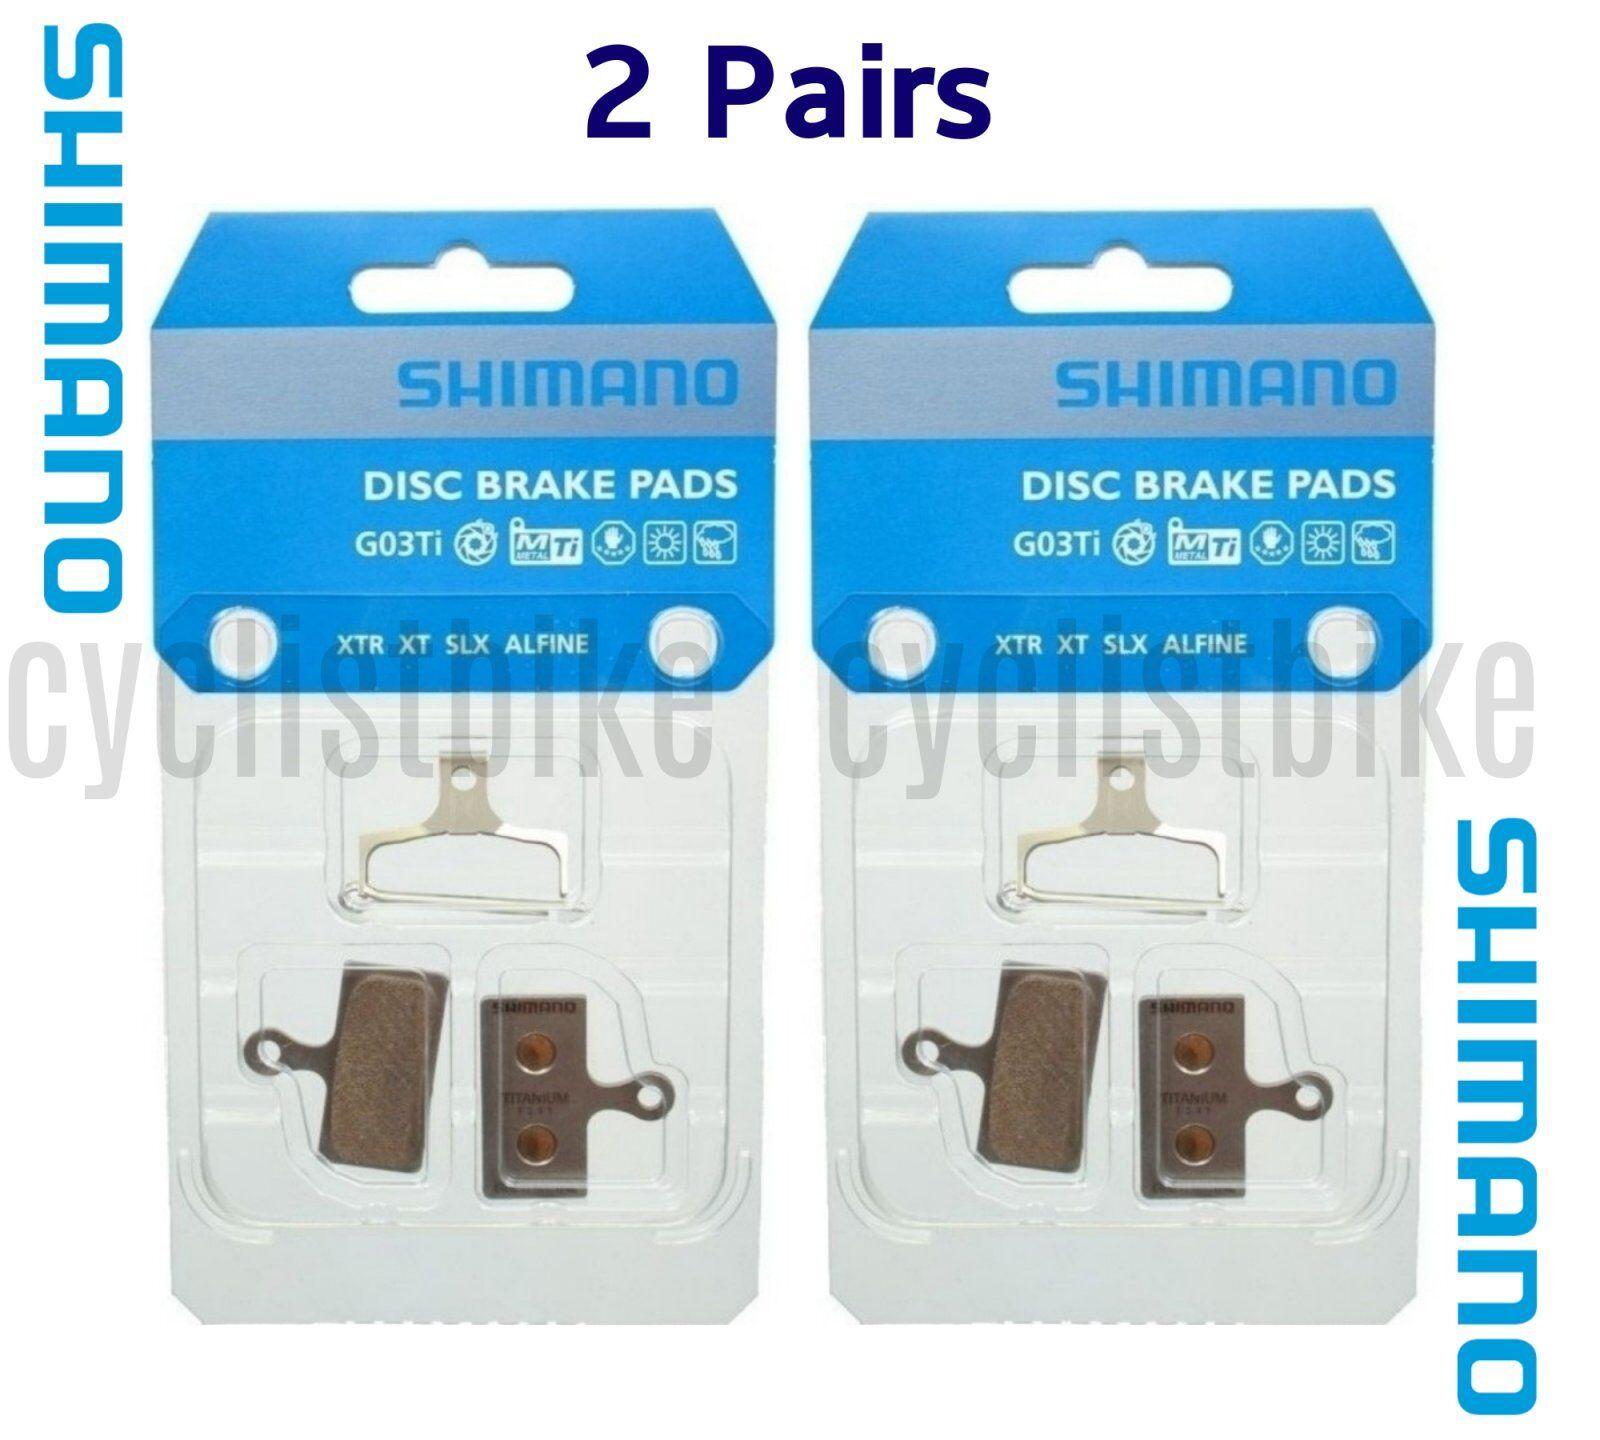 (2 Pairs) Shimano G03Ti Metal Disc Brake Pad Pair & Spring w Split Pin NIB